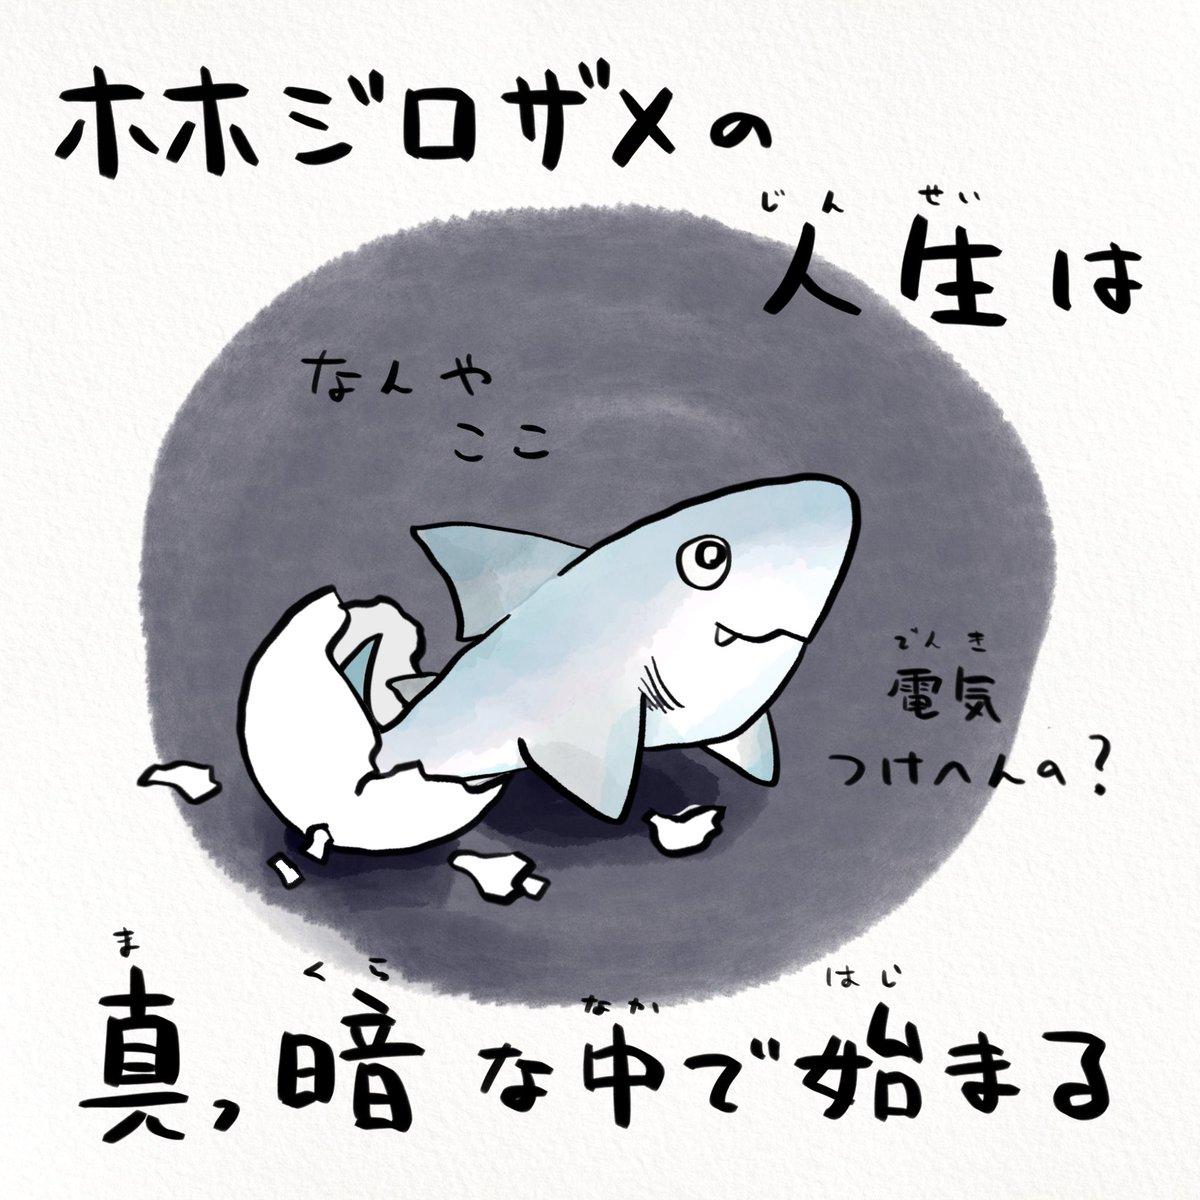 RT @sakana_bro: ホホジロザメの人生ベリーハード https://t.co/NE7KnB5e0I